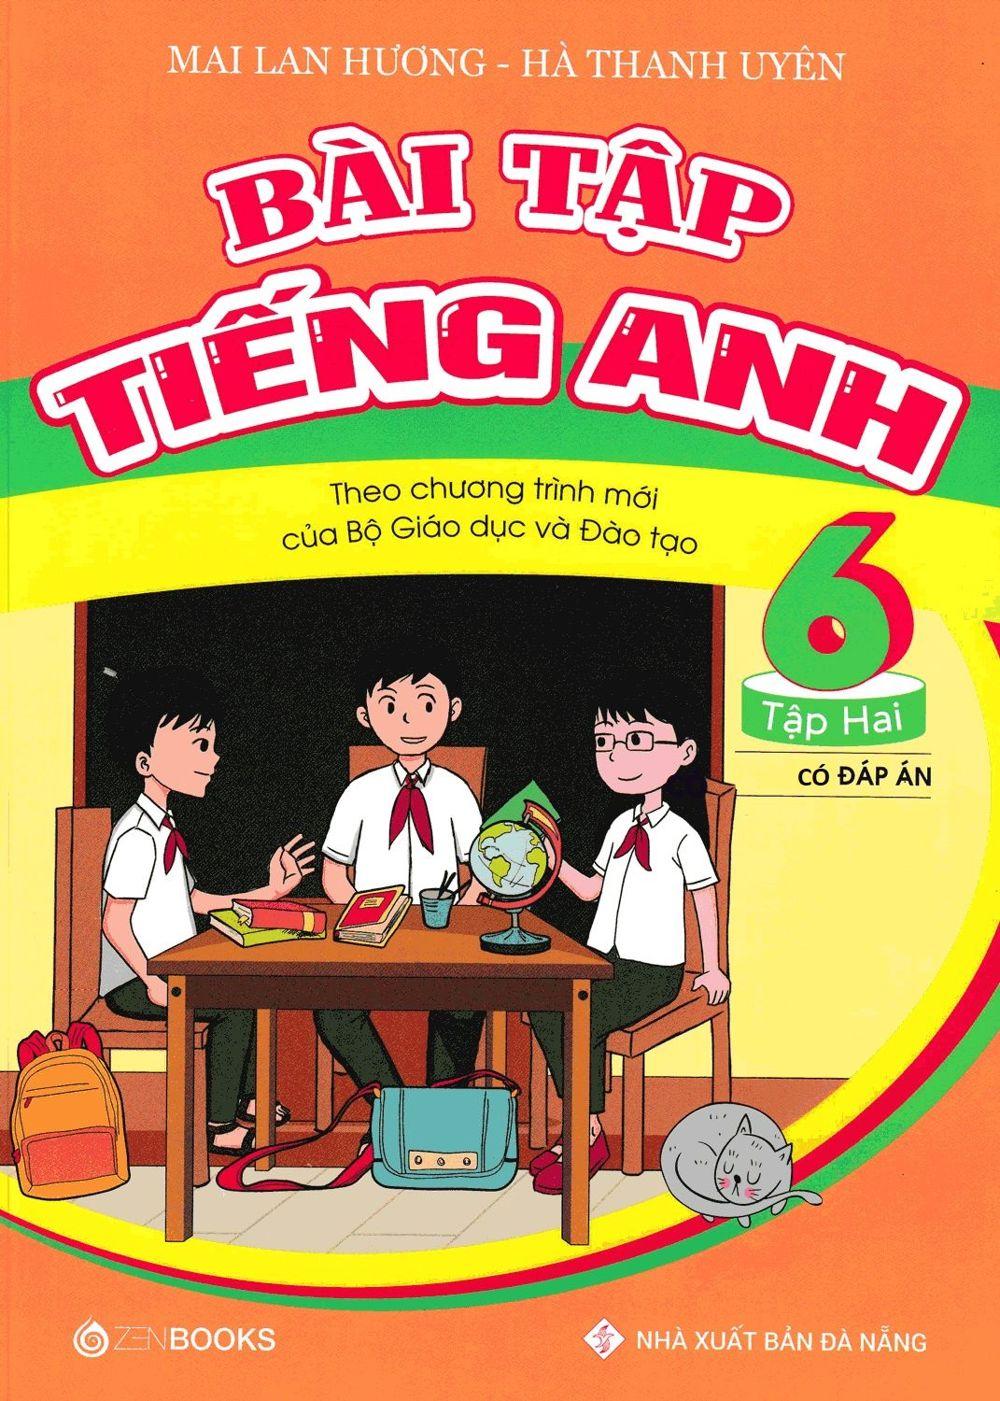 Tải sách: Bài tập tiếng anh 6 tập 2 – Mai Lan Hương (Chương trình mới)